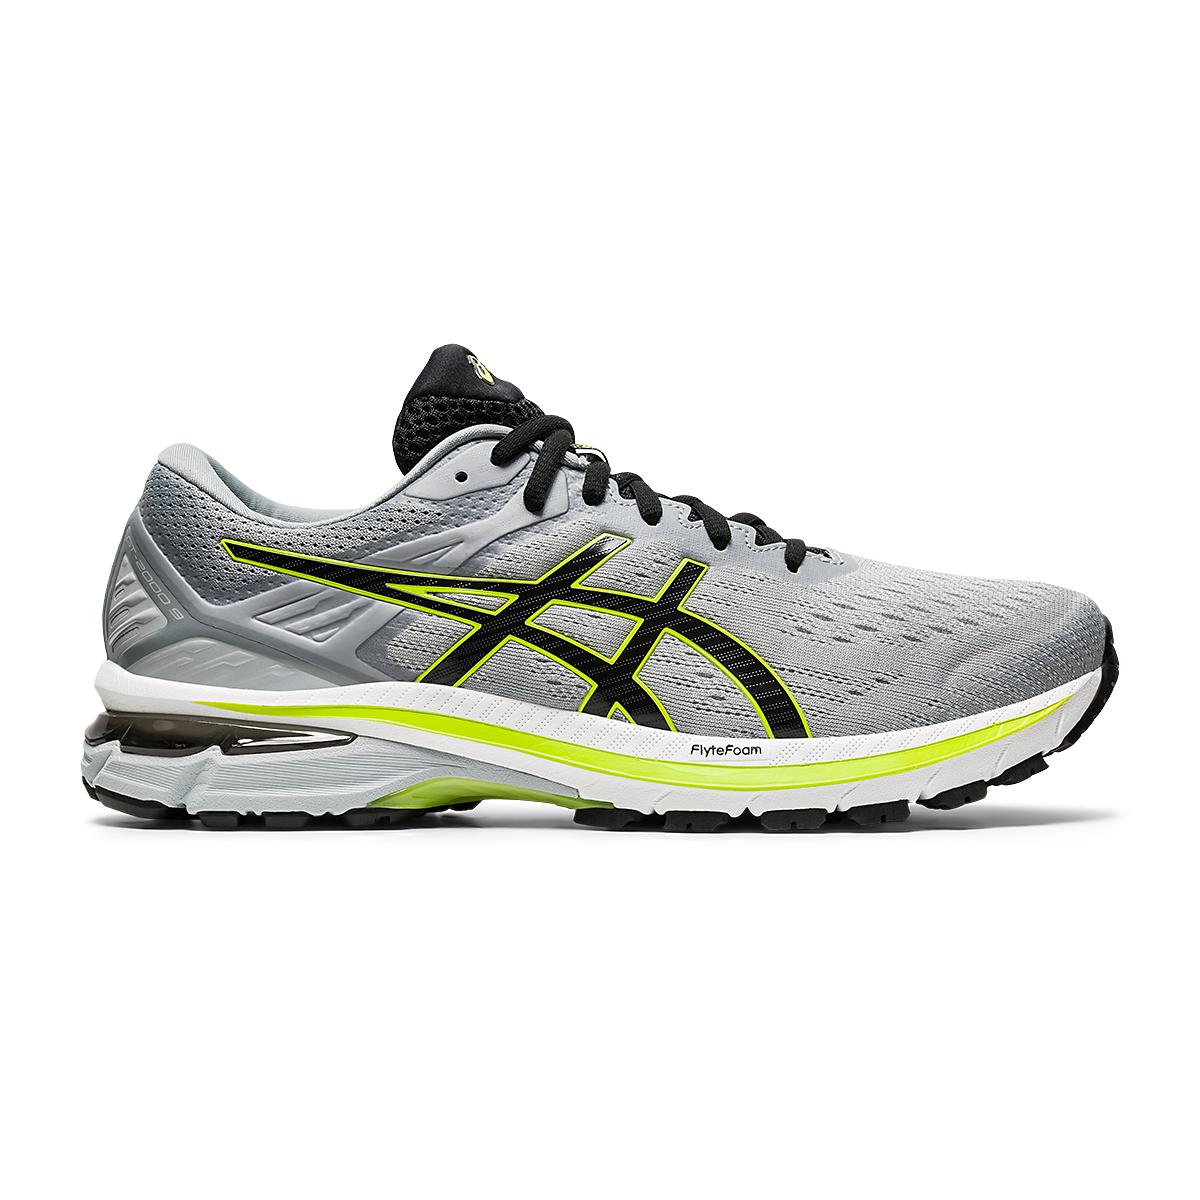 Men's Asics GT-2000 9 Running Shoe - Color: Sheet Rock/Black - Size: 7 - Width: Regular, Sheet Rock/Black, large, image 1